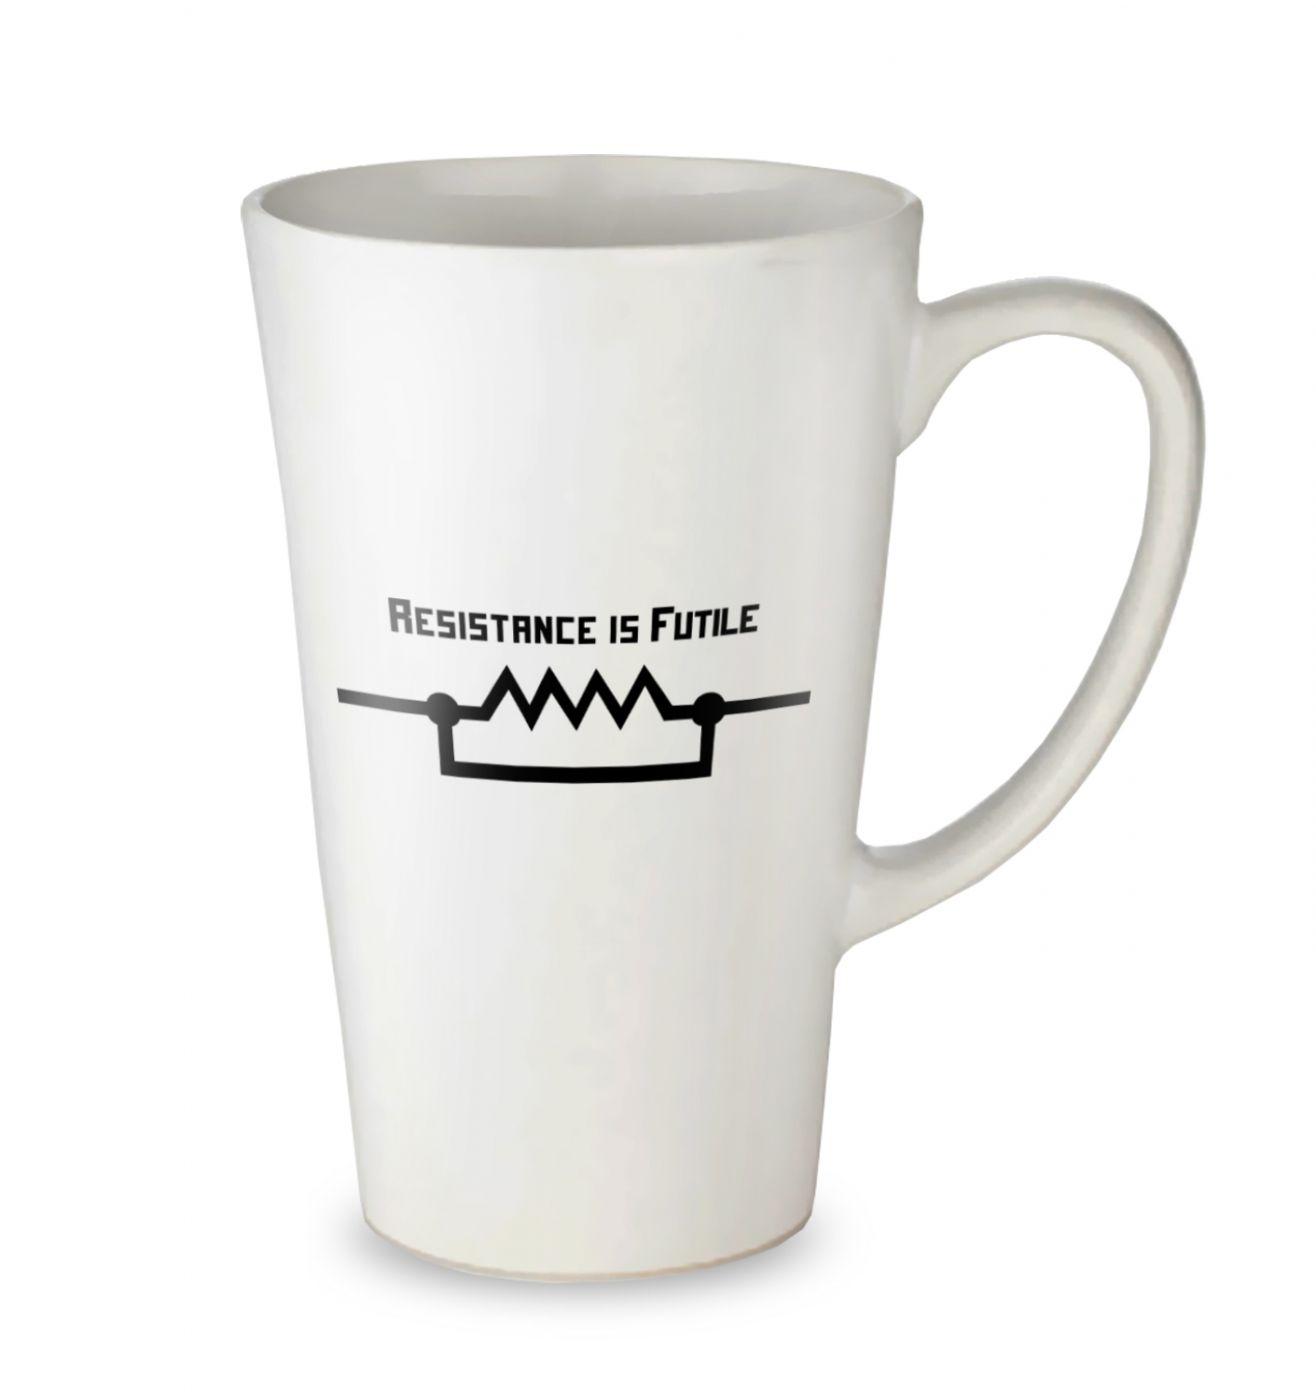 Resistance Is Futile (US) tall latte mug